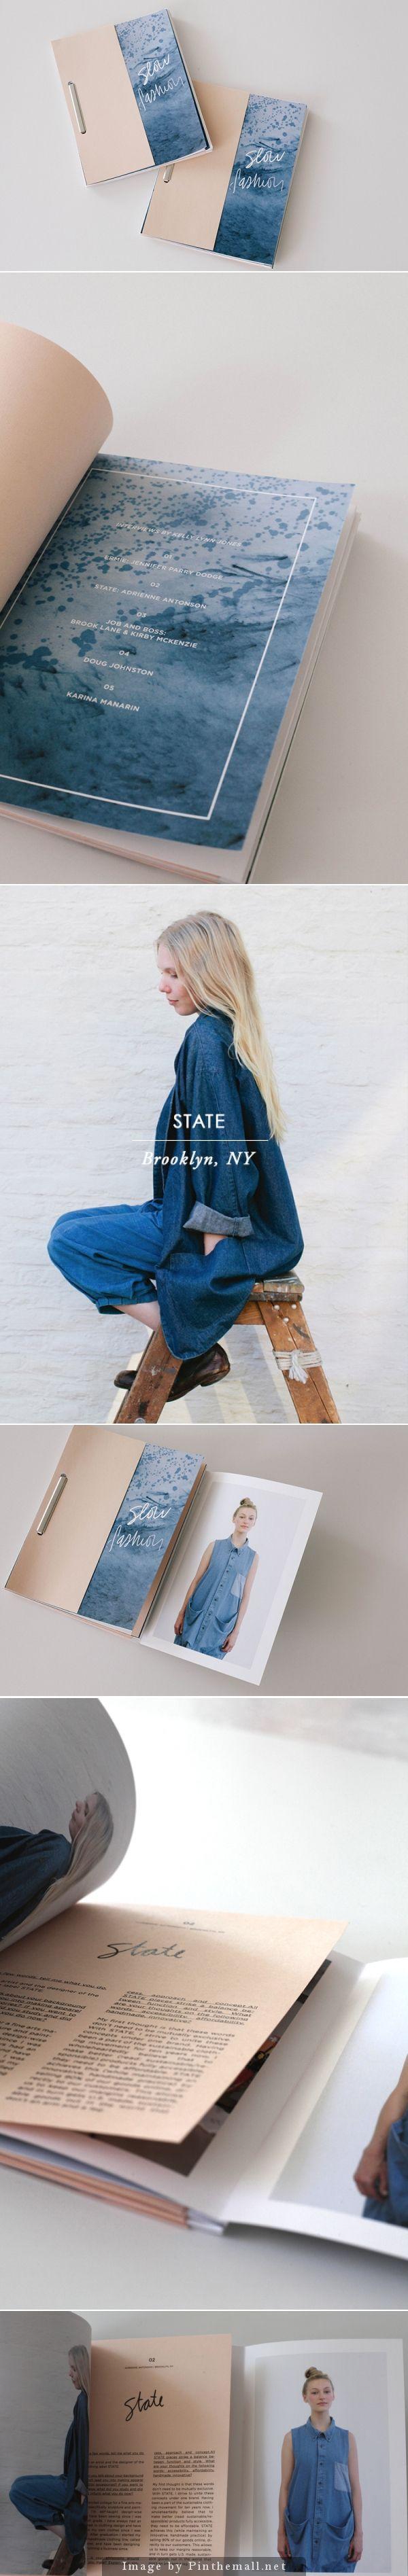 優雅安靜 1.封面米色與海藍對比 2.海藍底對白字/米色底對黑字 3.對半/置中